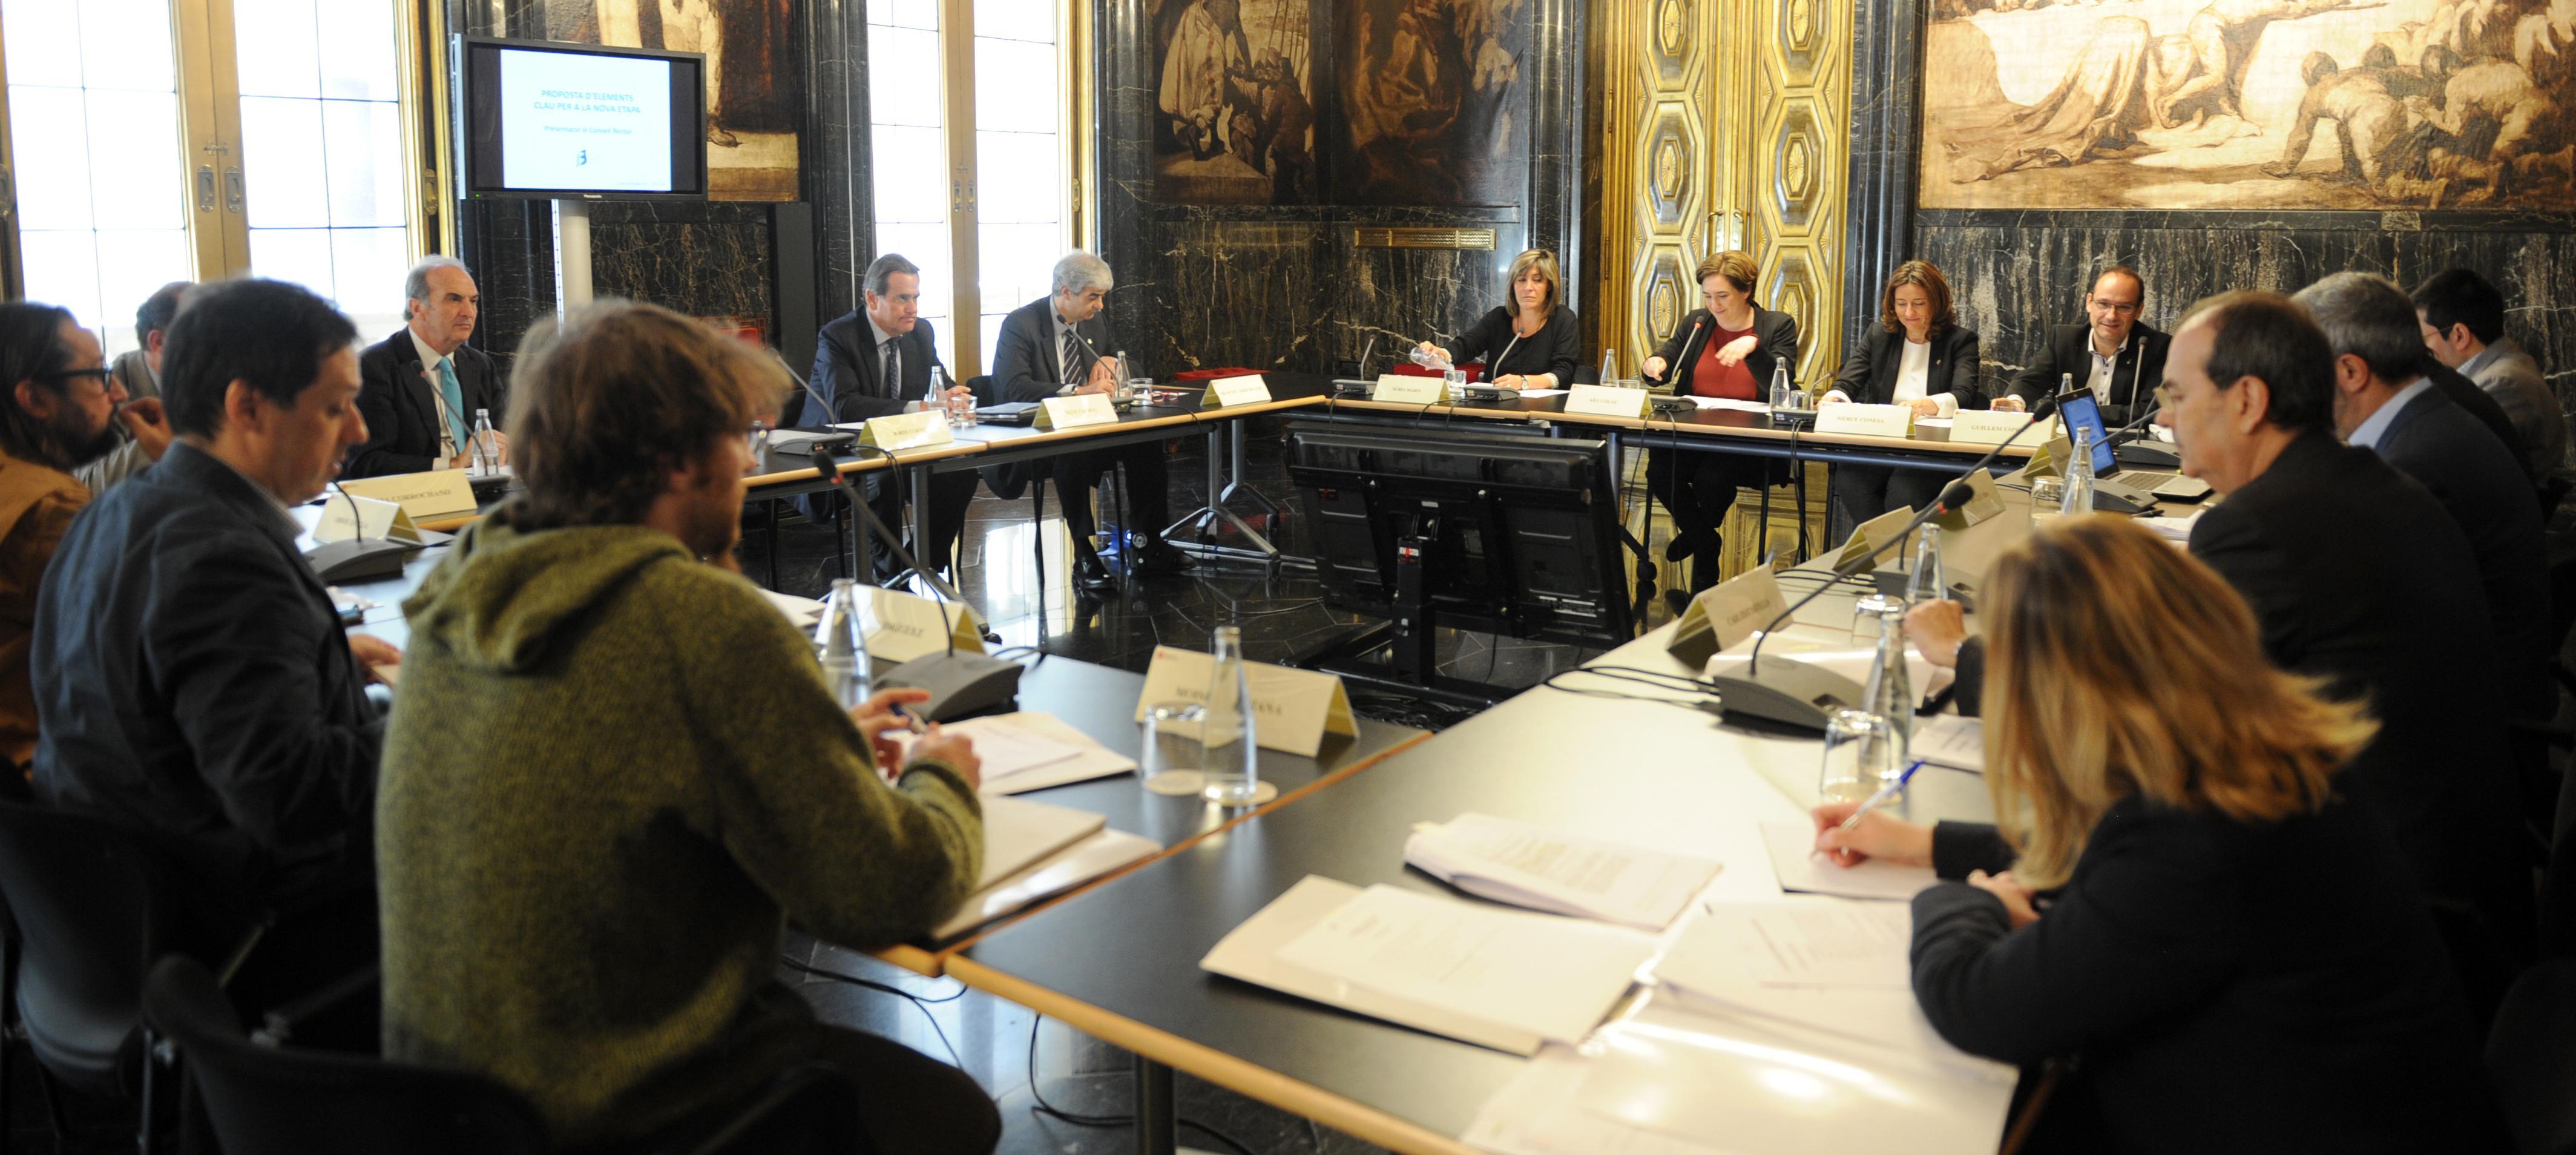 Reunión del Consejo Rector, 13 de mayo, Ayuntamiento de Barcelona